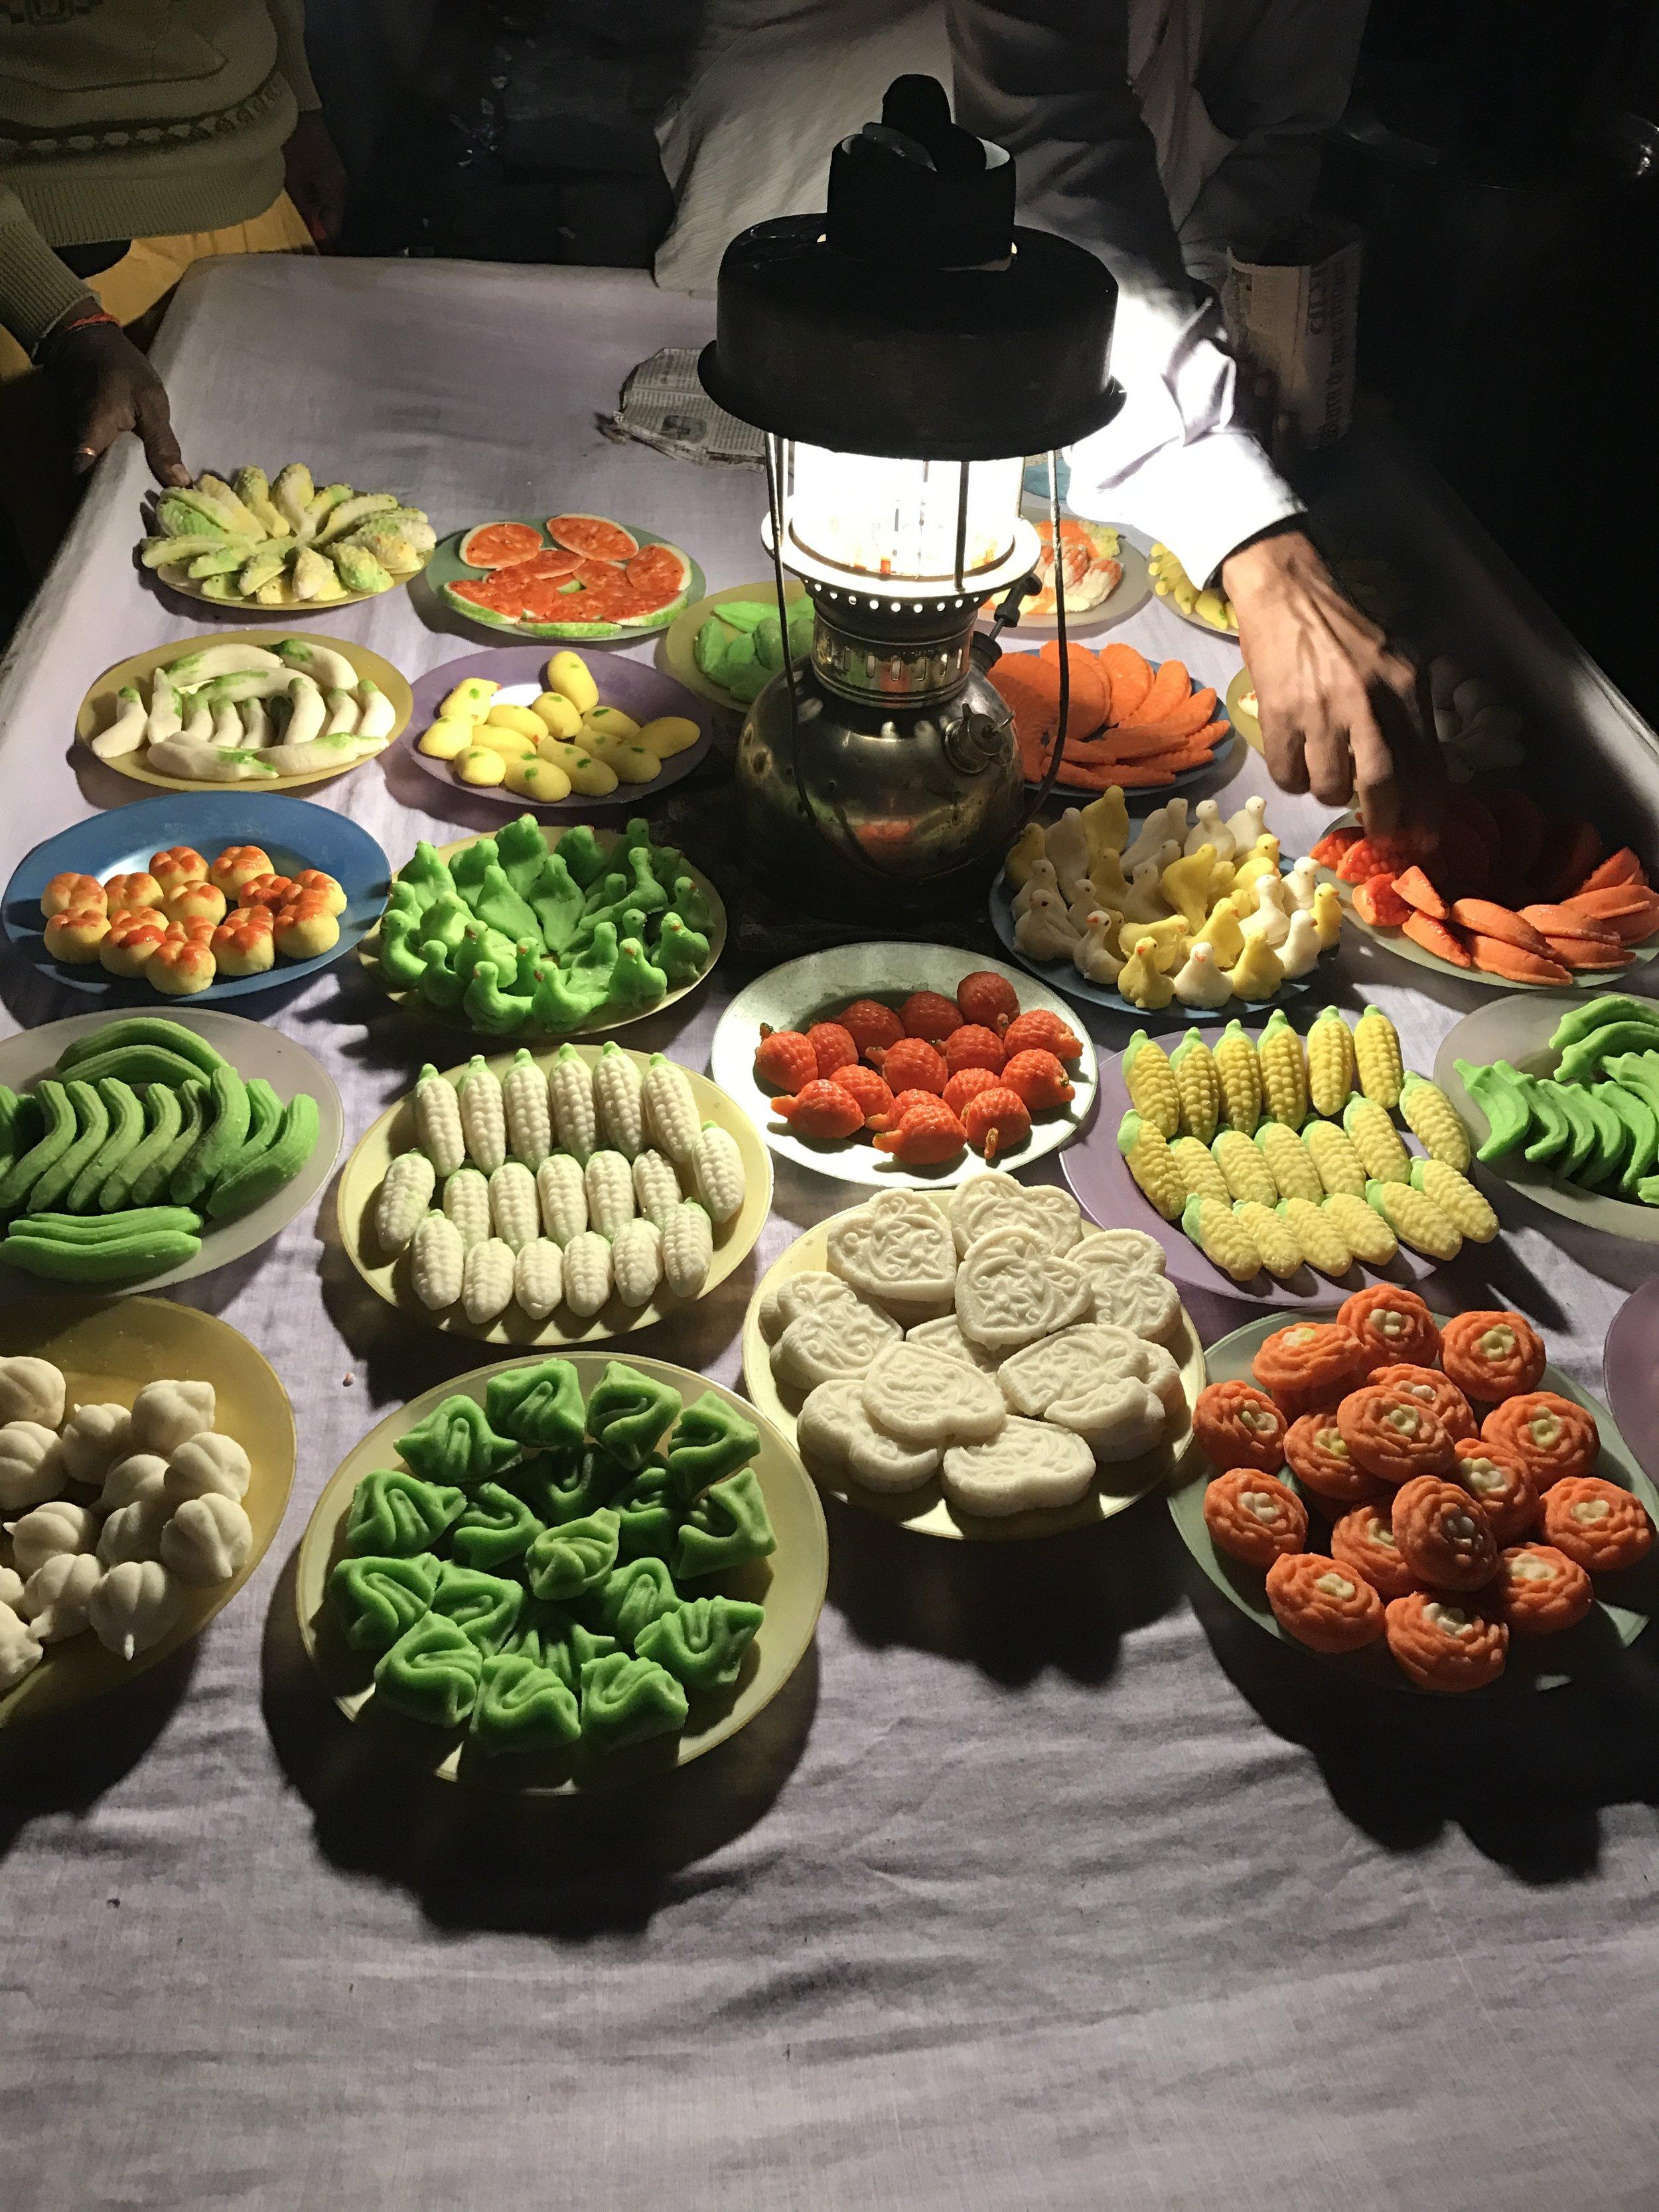 Varanasi milk candies